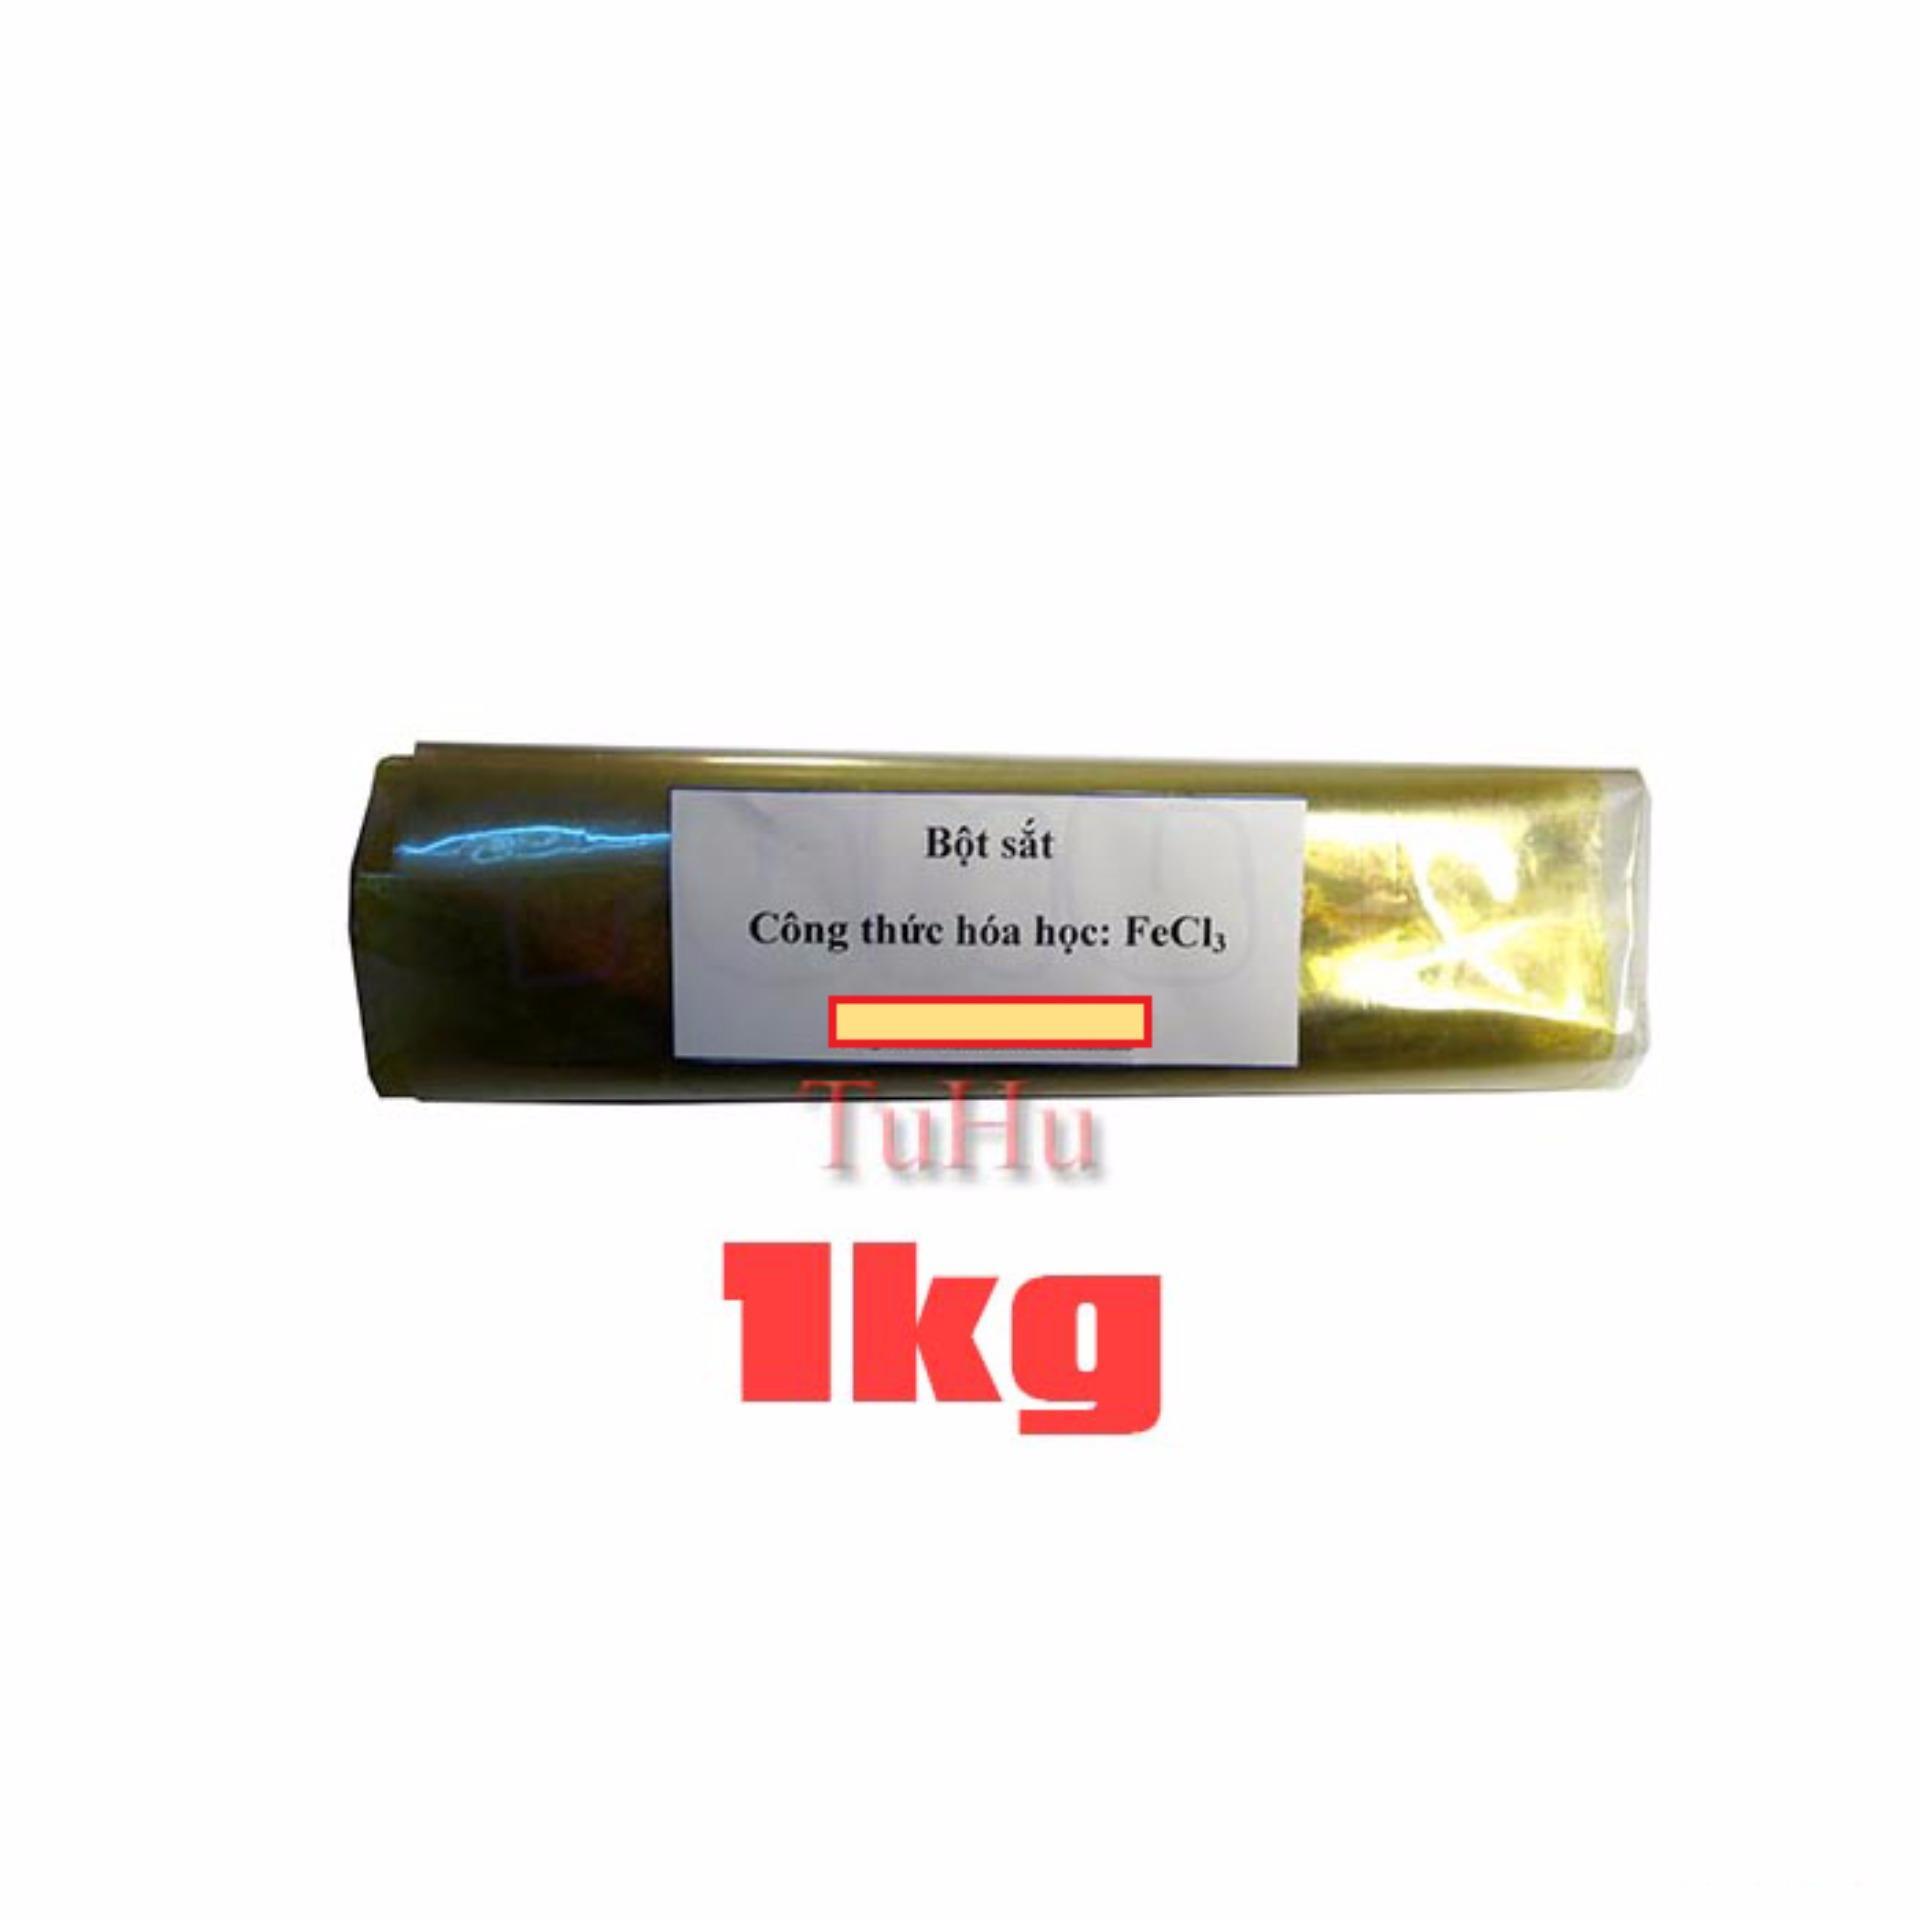 Bột sắt ( Fecl3 ) 1kg